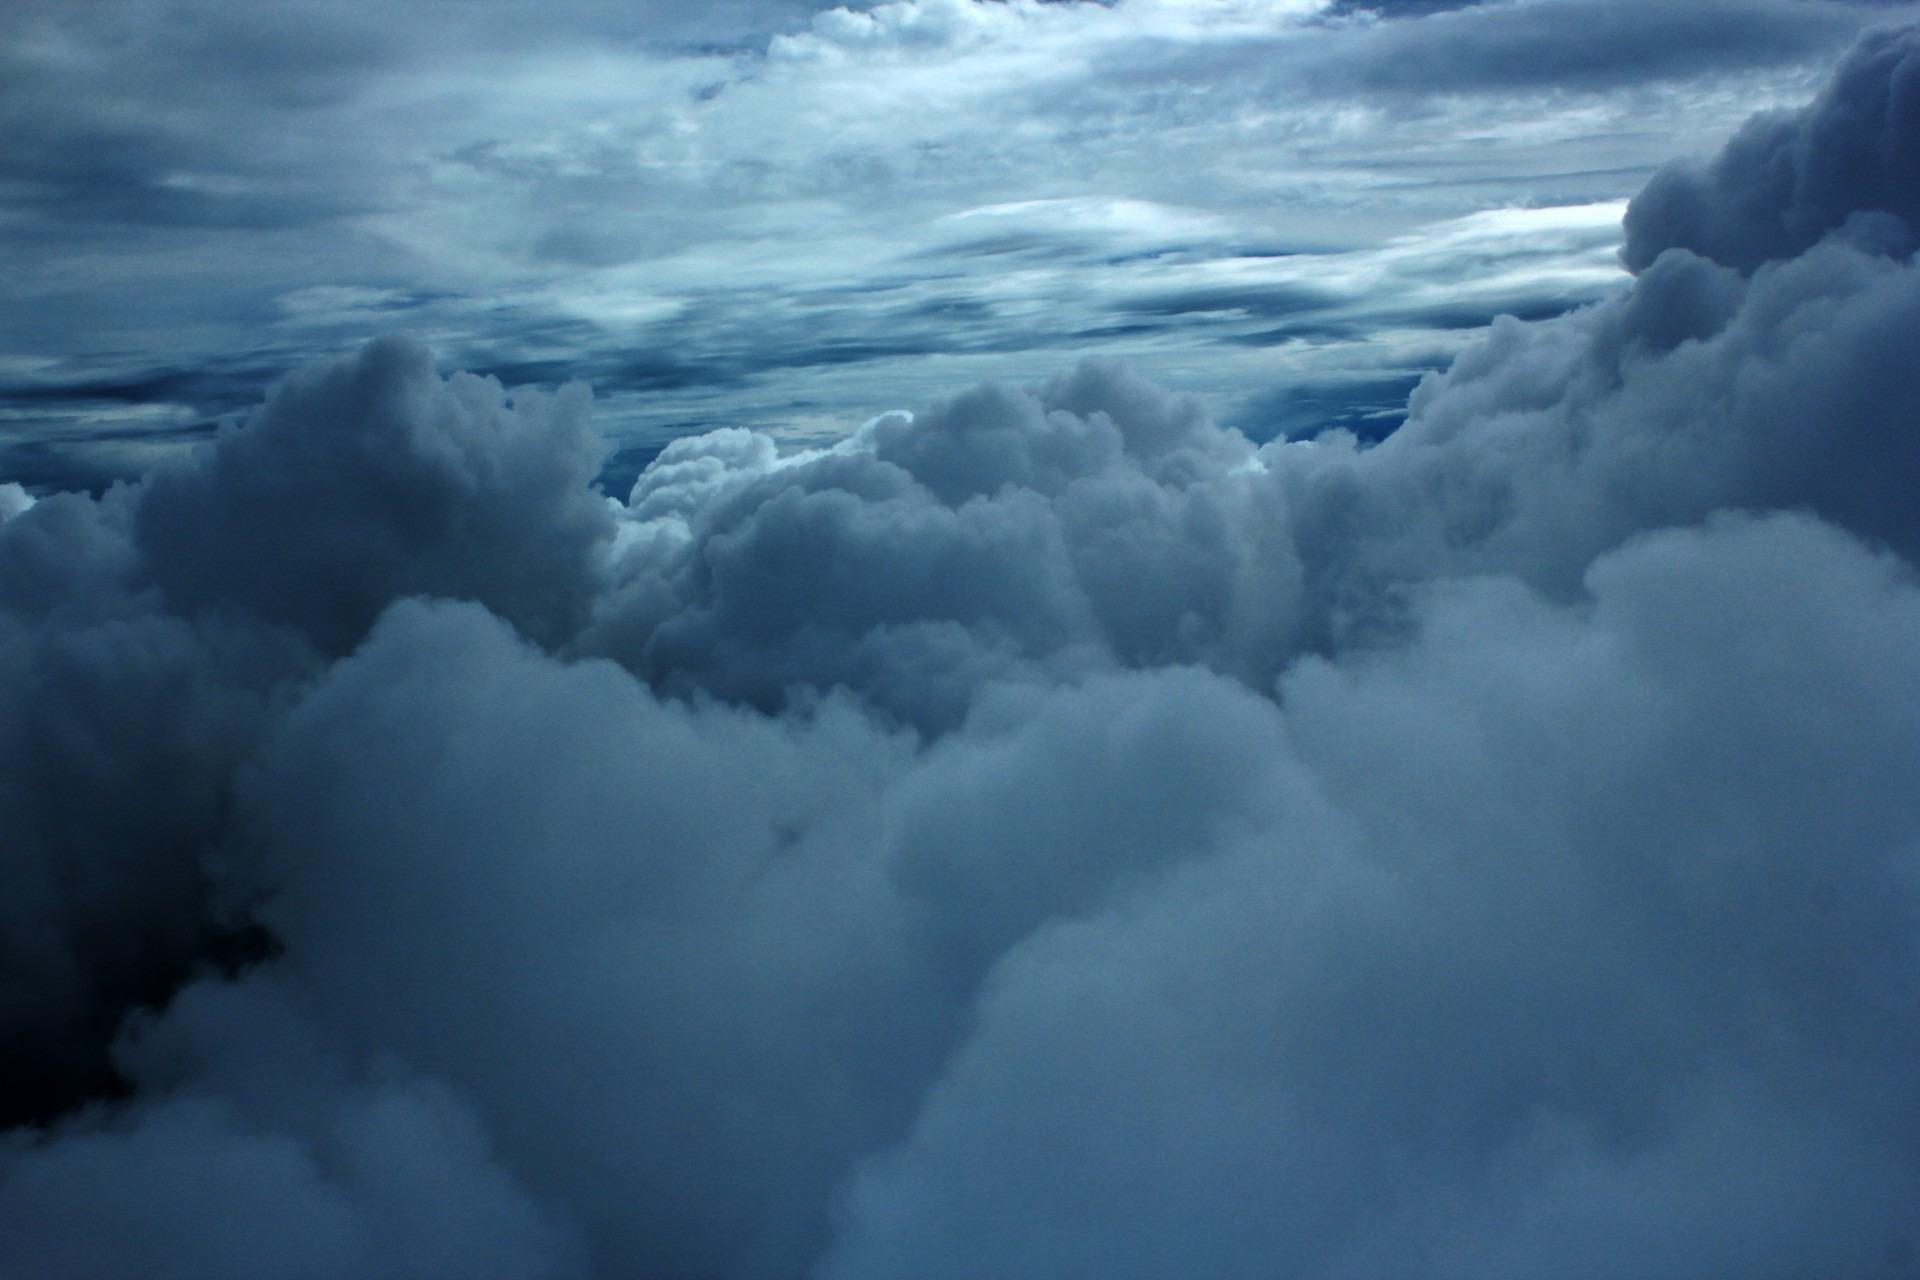 Gambar Alam Berawan Suasana Cuaca Gumpalan Awan Awan Awan